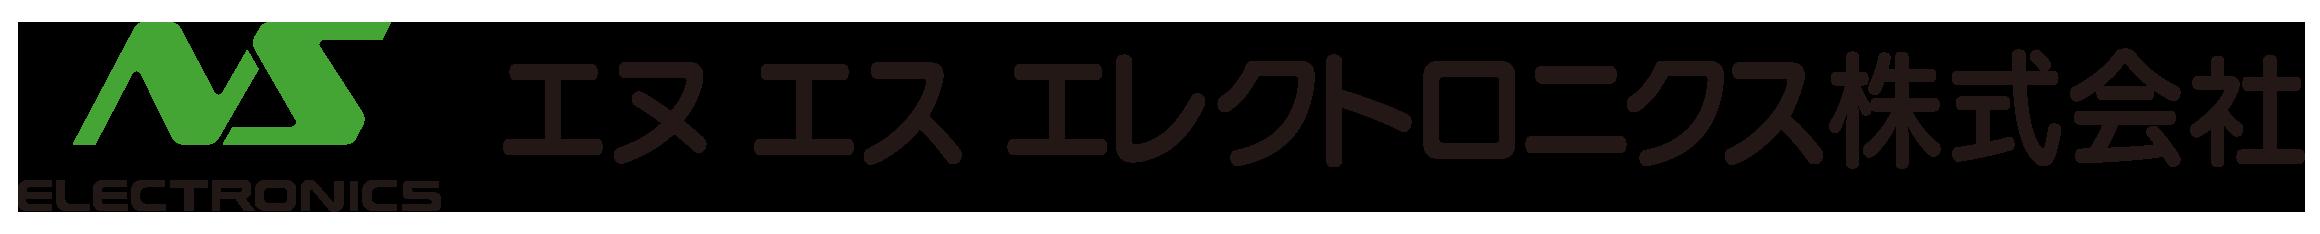 エヌ エス エレクトロ二クス株式会社